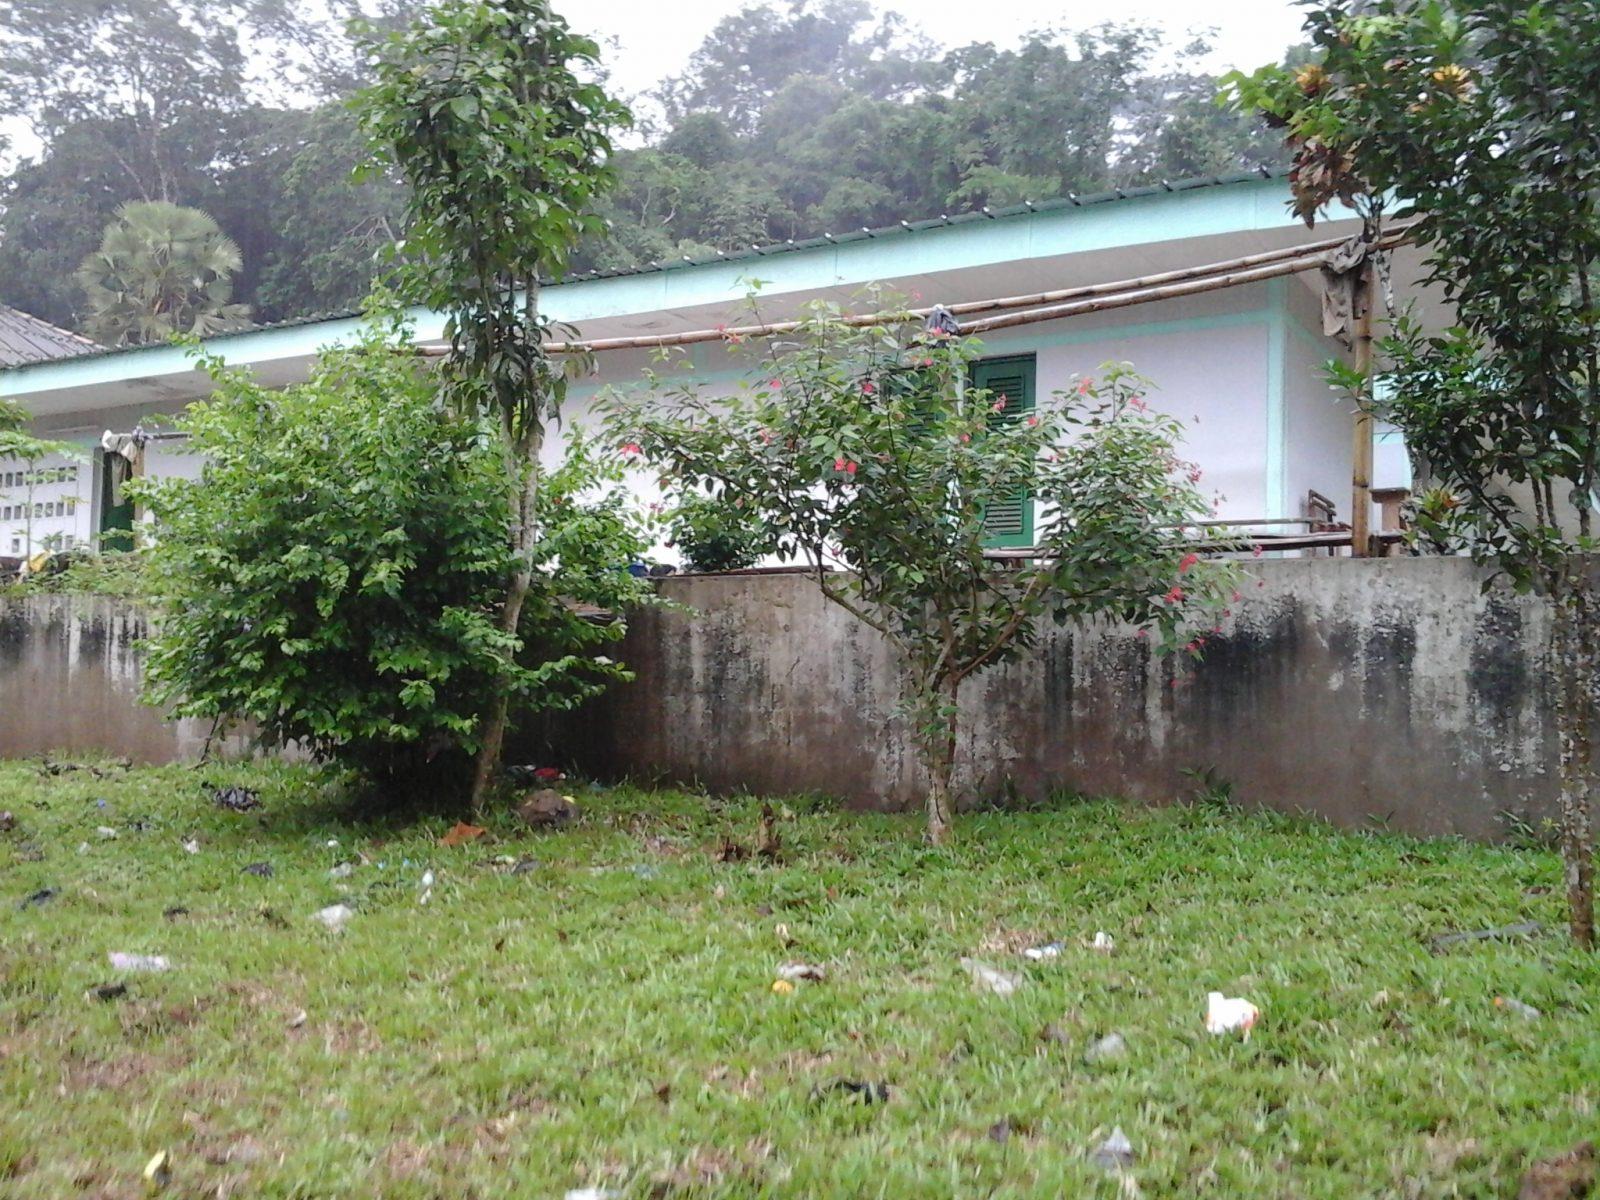 Bâtiment servant de dortoir aux élèves de l'école forestière. Crédit photo : Magloire Zoro